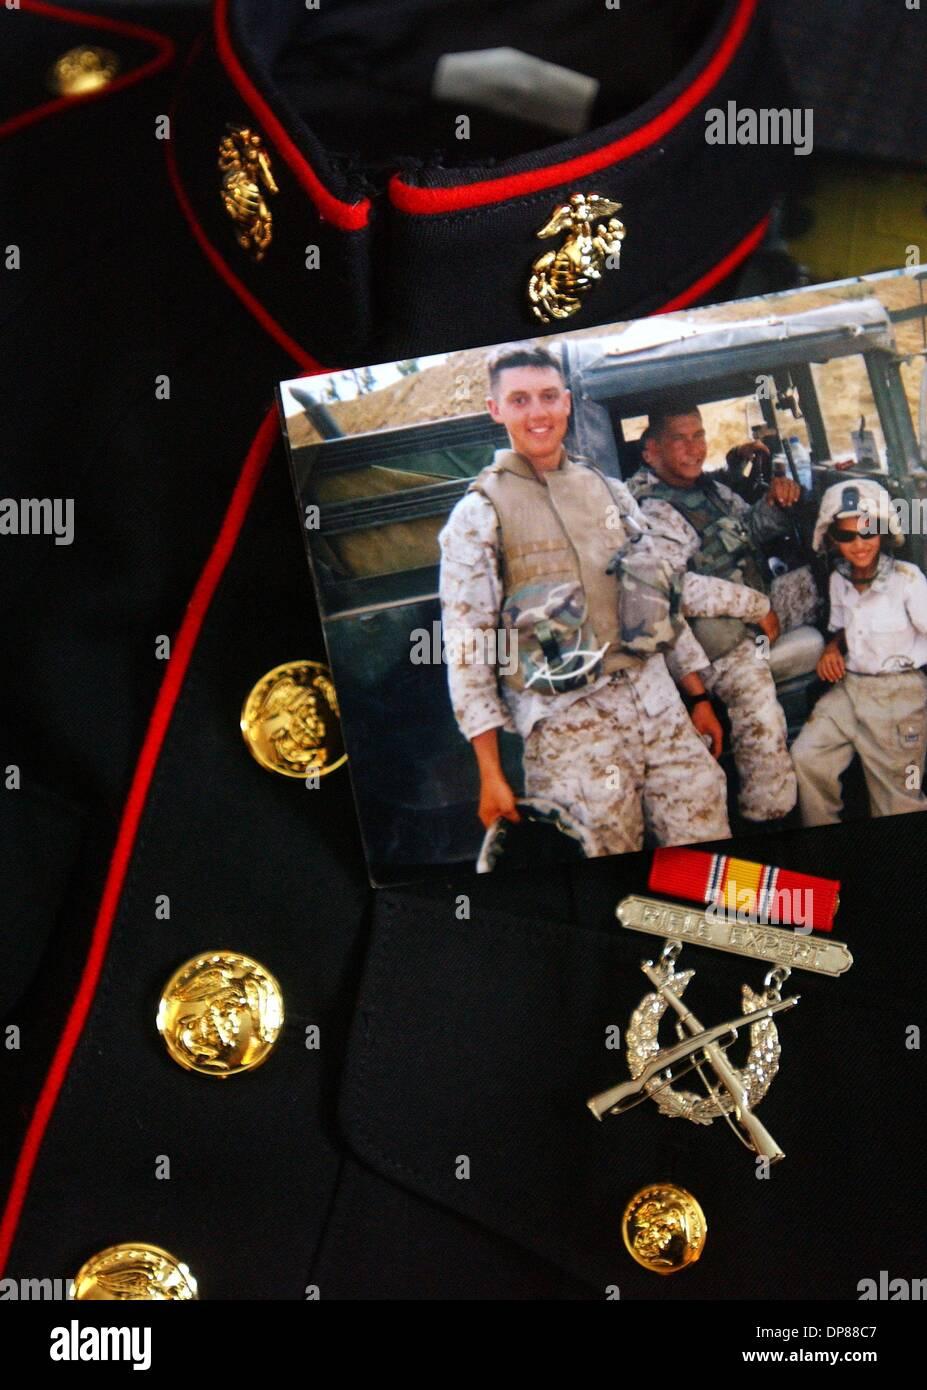 (Veröffentlicht 17.10.2004, a-1) NC-KYLE 228579 X005... 23. September 2004, Nebraska... Monate später Wain und Dixie Codner (Cq) entscheiden muss, was mit ihrem Sohn Marine Kleid blaue uniform zusammen mit den vielen Fotos ihres Sohnes genommen, während in den Irak im Einsatz zu tun.  Kyle Codner war ein US-Marine stationiert in Camp Pendleton und Einsatz in den Irak auf der Rückseite im Mai getötet wurde Stockbild